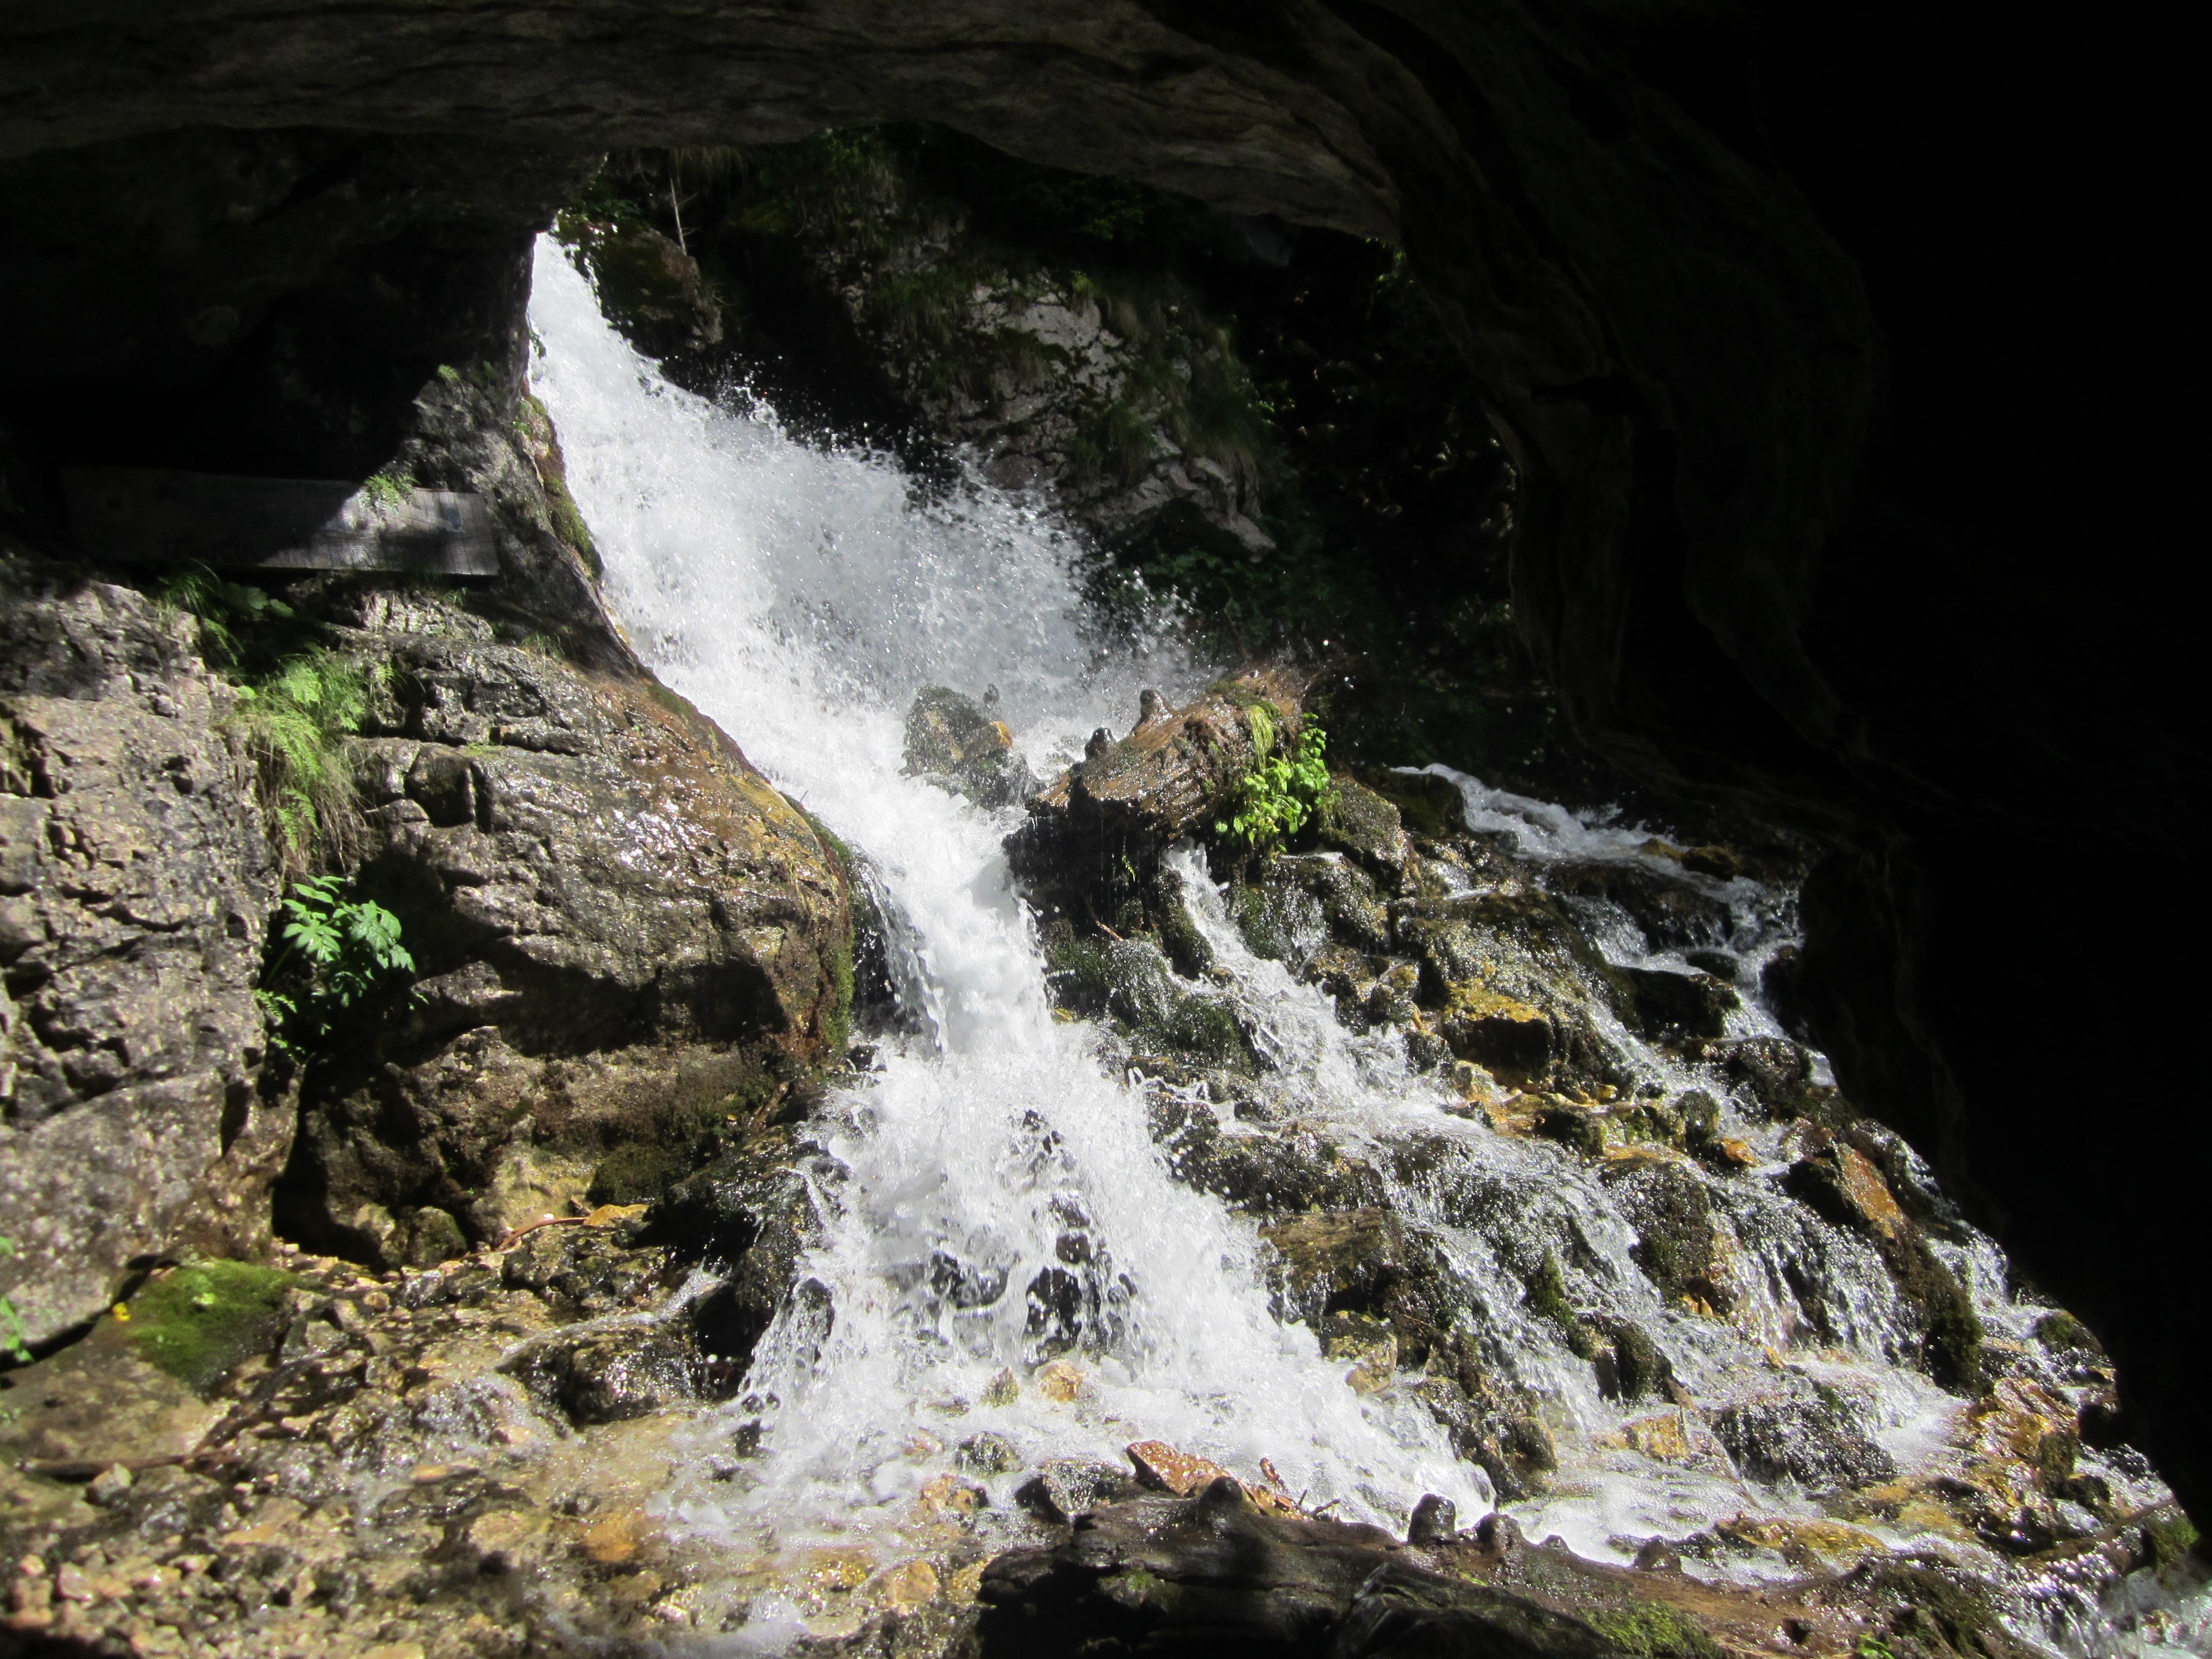 izbucul Horoabelor - muntii Bucegi